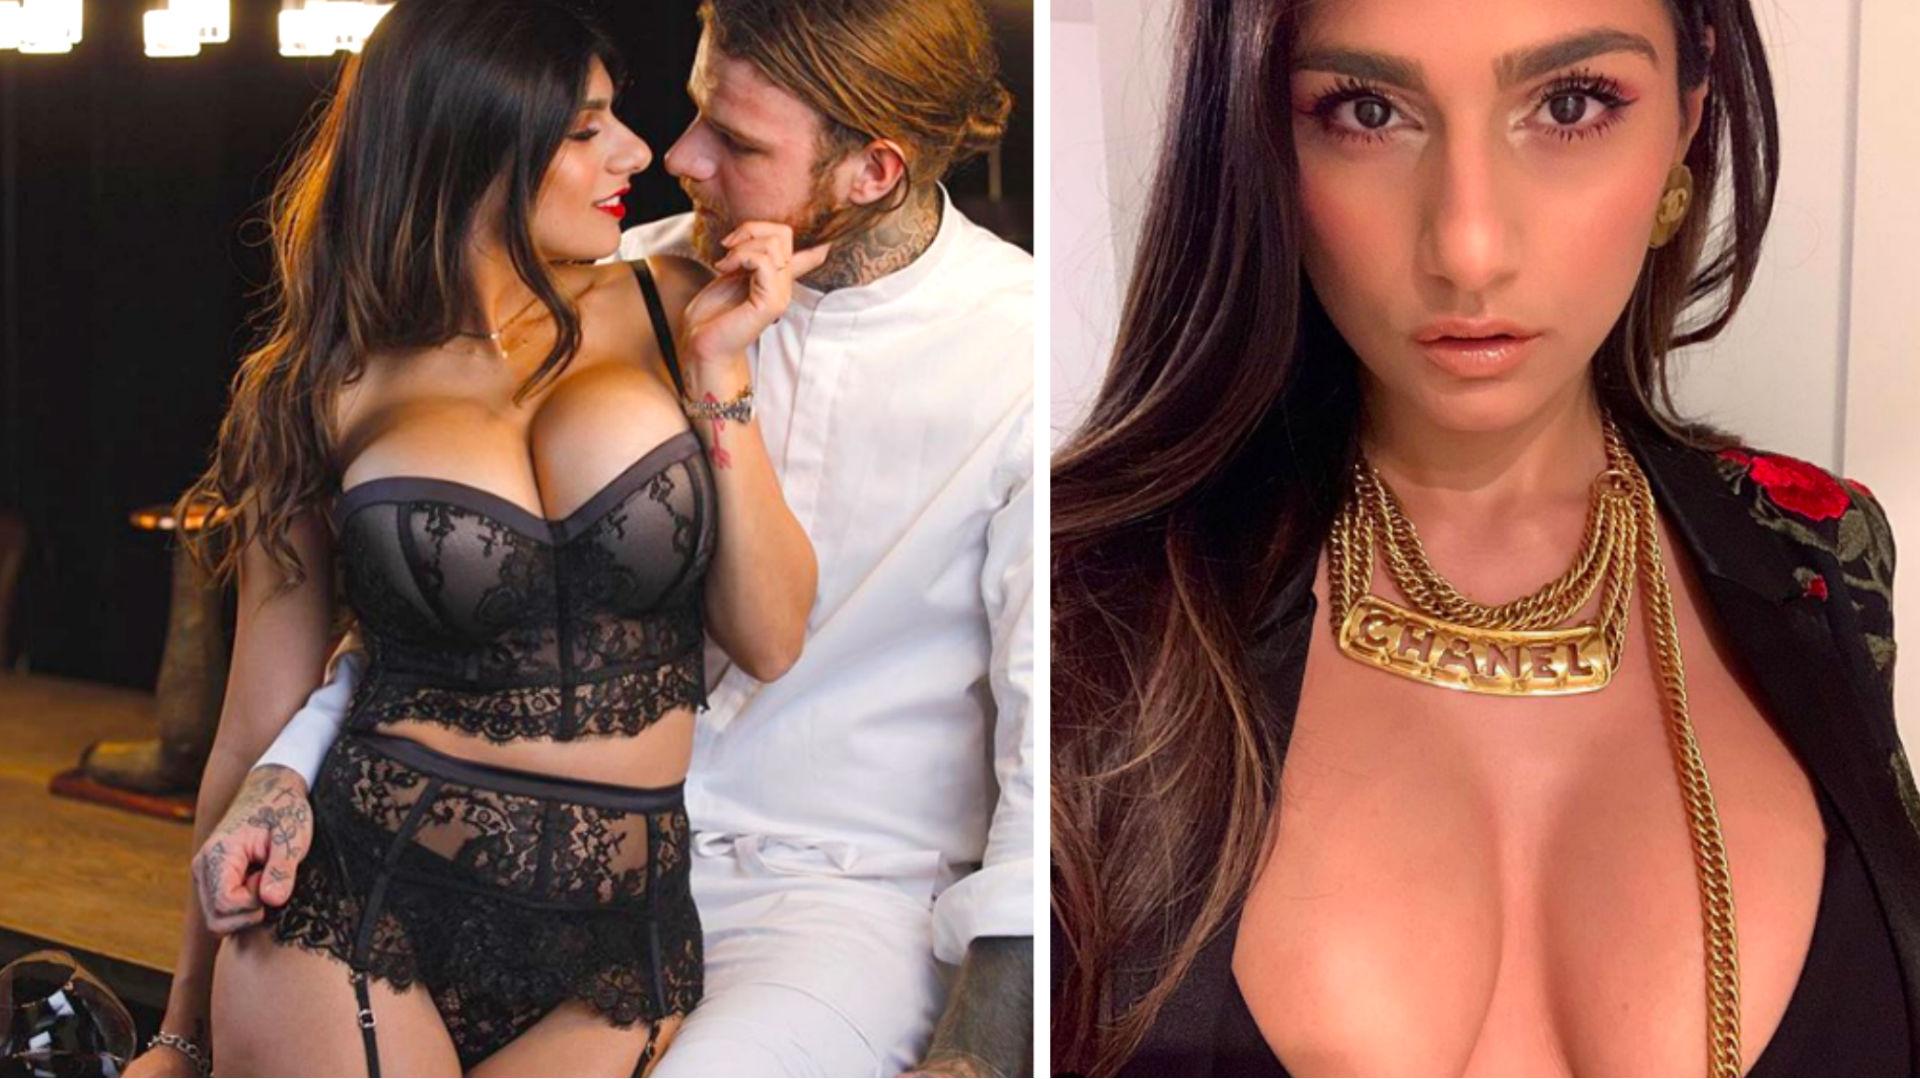 Actris Porno Mas Sexi la ex actriz porno mia khalifa presume su celulitis y así